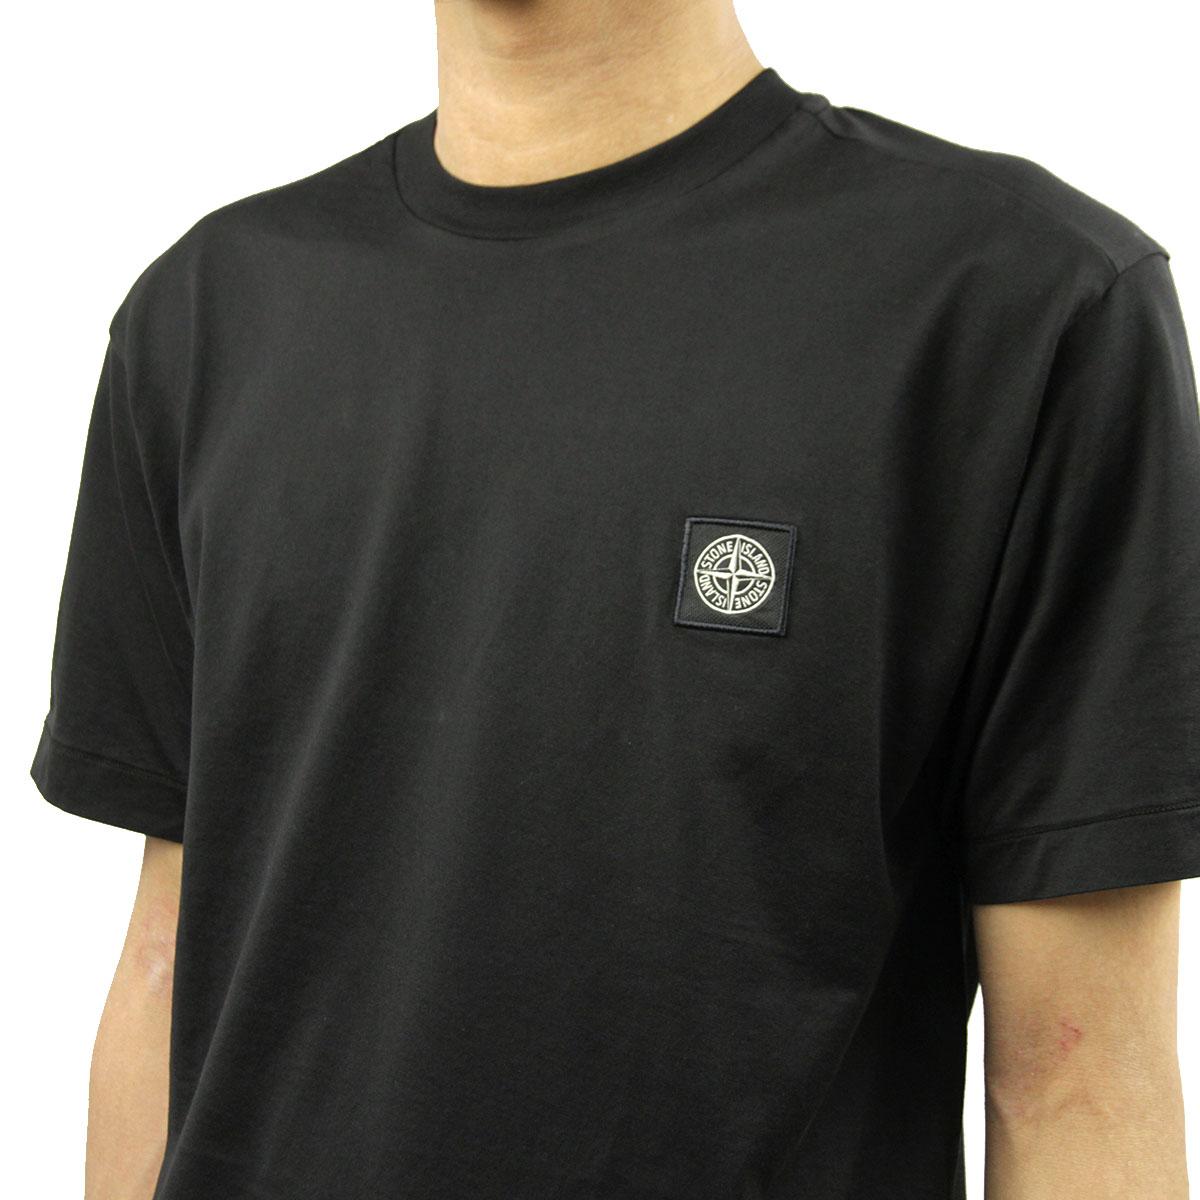 ストーンアイランド Tシャツ メンズ 正規品 STONE ISLAND 半袖Tシャツ T-SHIRT BLACK NERO 24113 V0029 AB4B B1C C1D D1E E13F ホワイトデー 2021 ラッピング無料